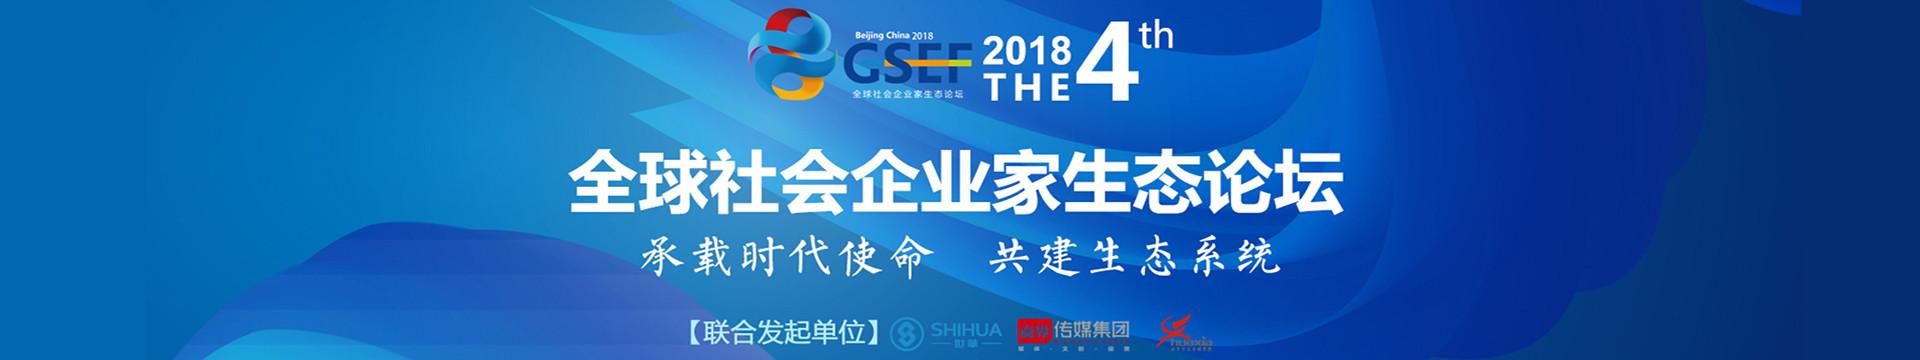 2018第四届全球社会企业家生态论坛(GSEF)